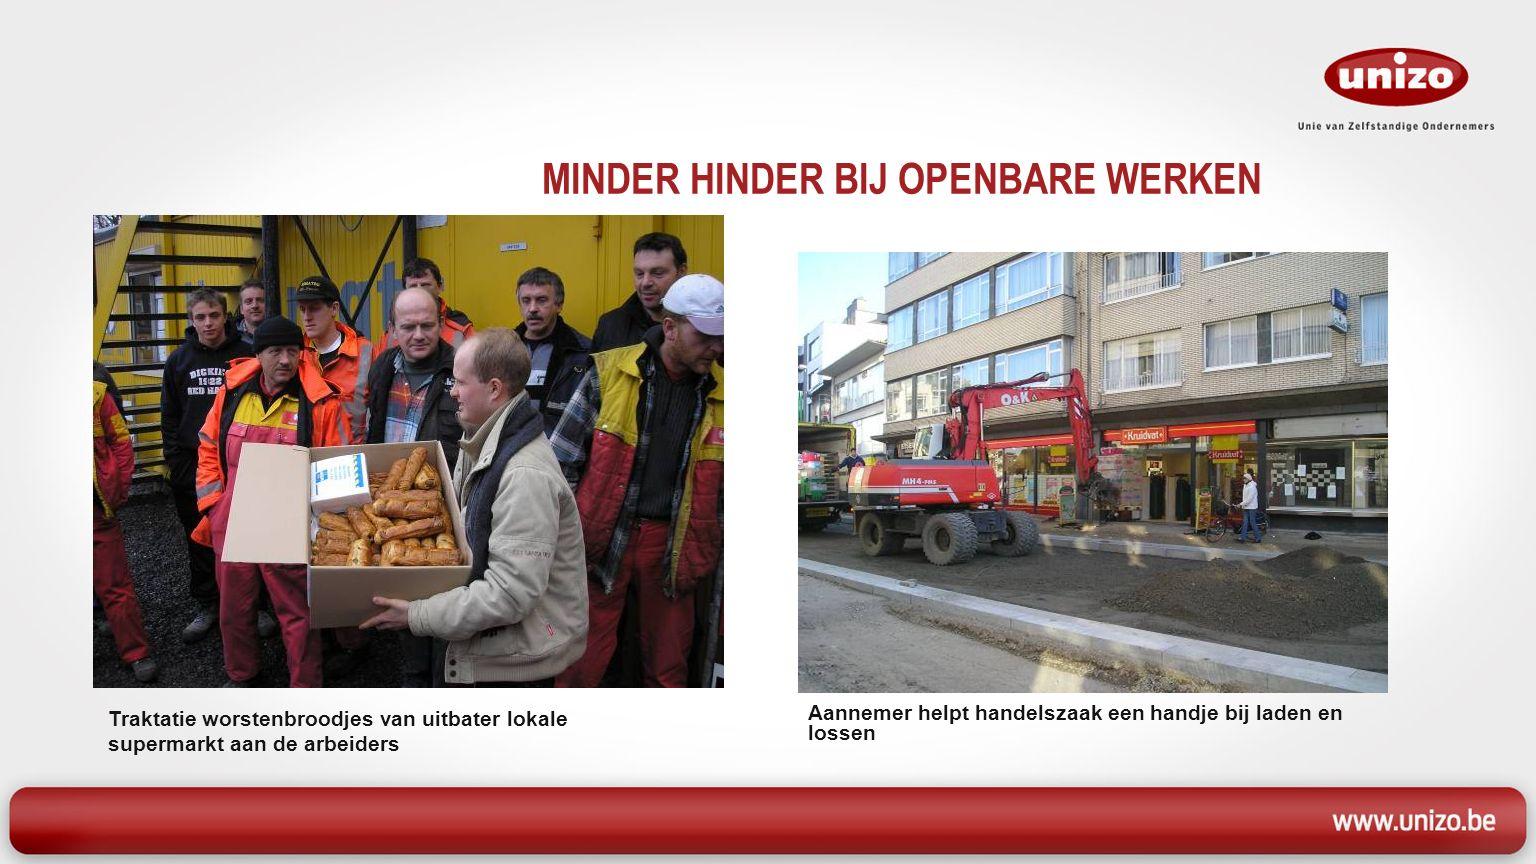 MINDER HINDER BIJ OPENBARE WERKEN Traktatie worstenbroodjes van uitbater lokale supermarkt aan de arbeiders Aannemer helpt handelszaak een handje bij laden en lossen